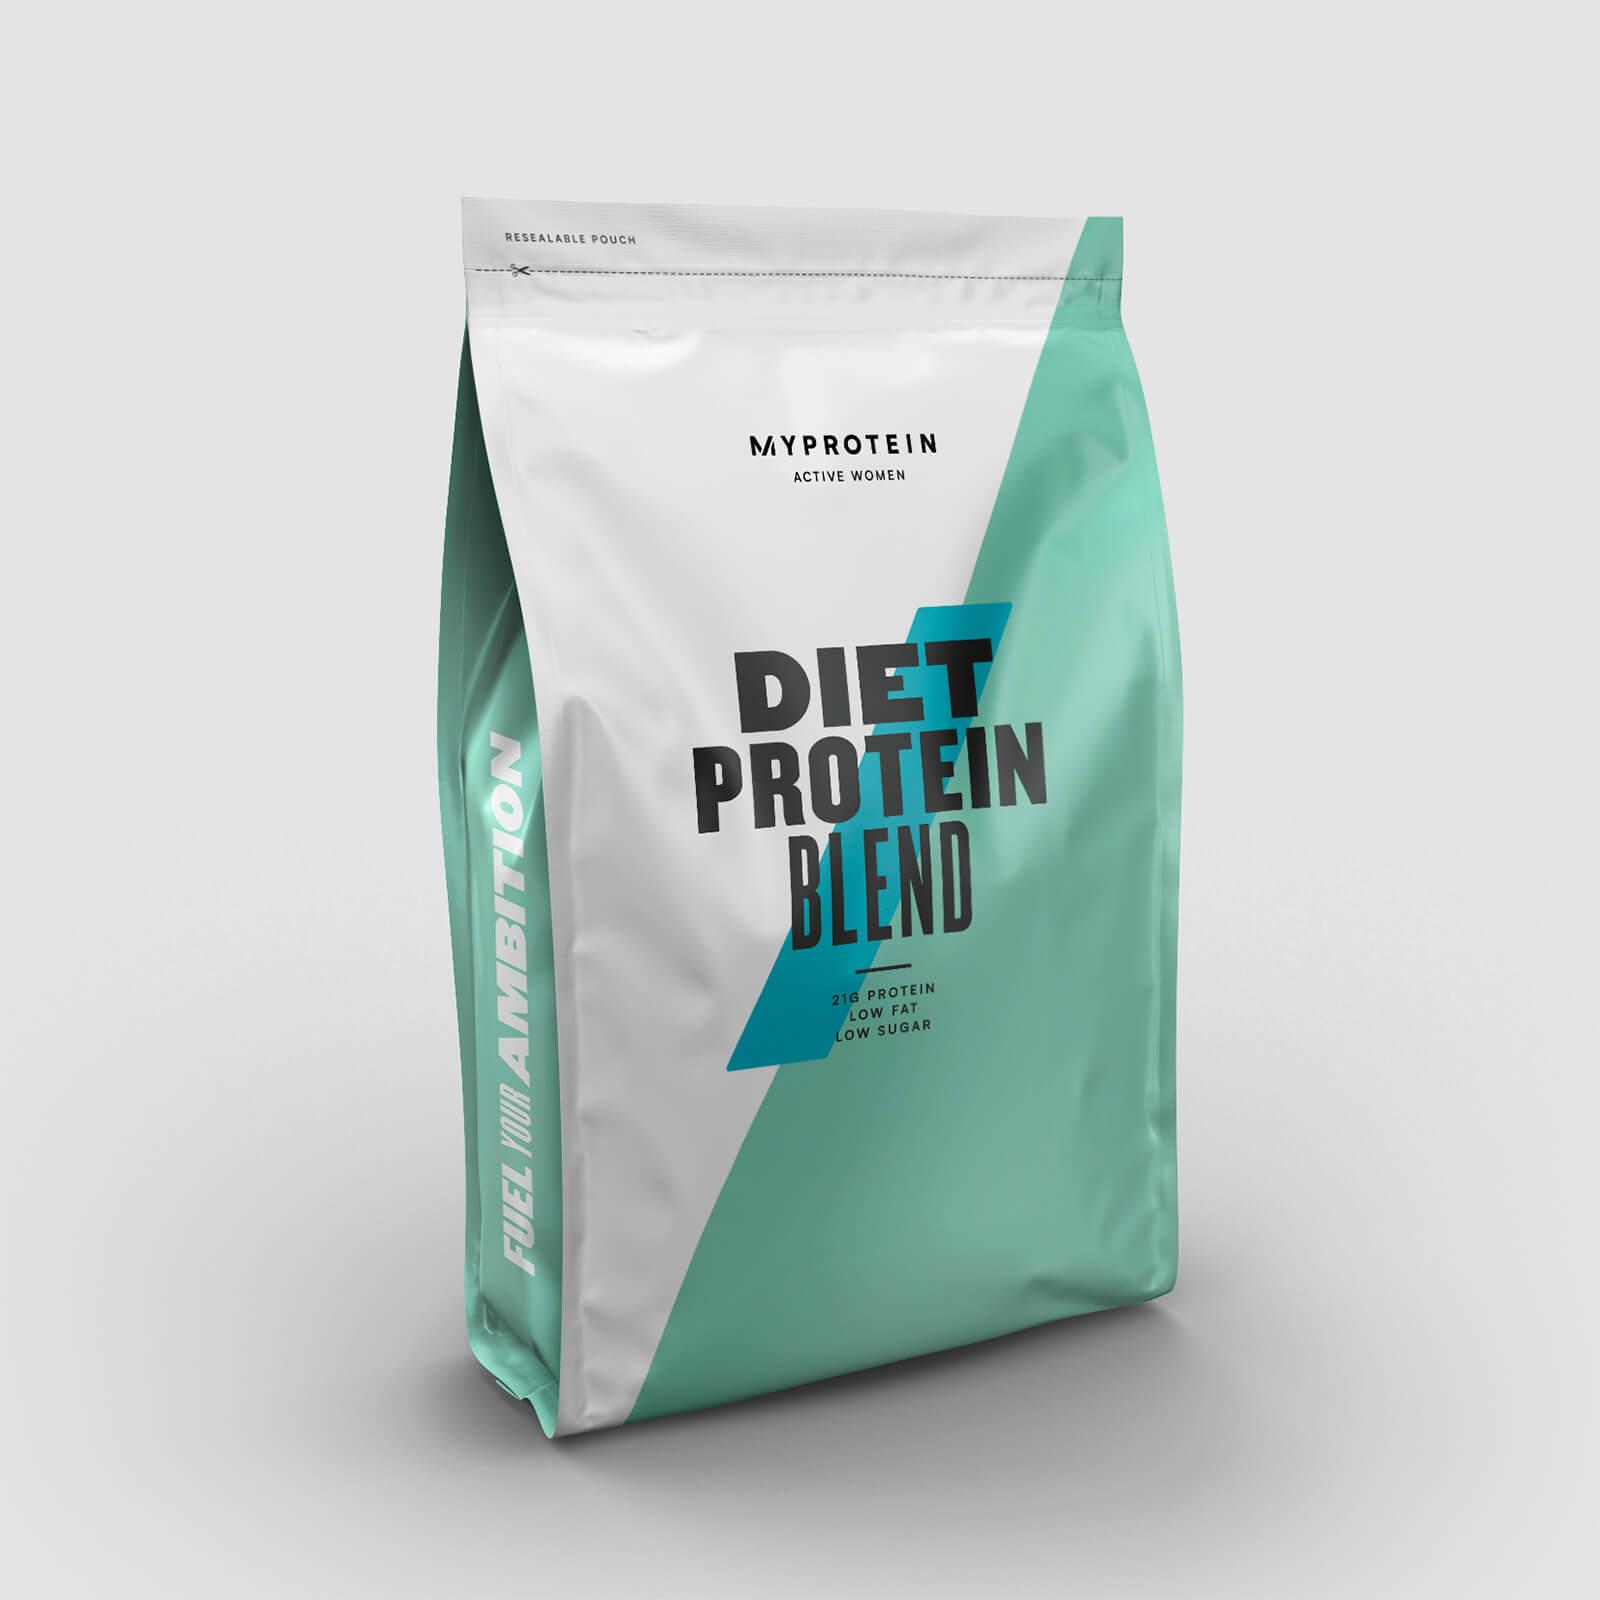 Diet Protein Blend